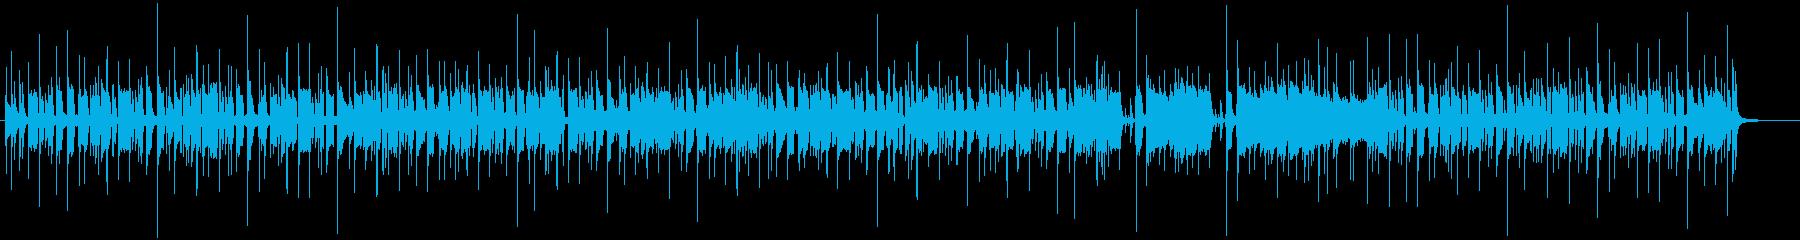 オルガンの入ったファンキー・ジャズの再生済みの波形